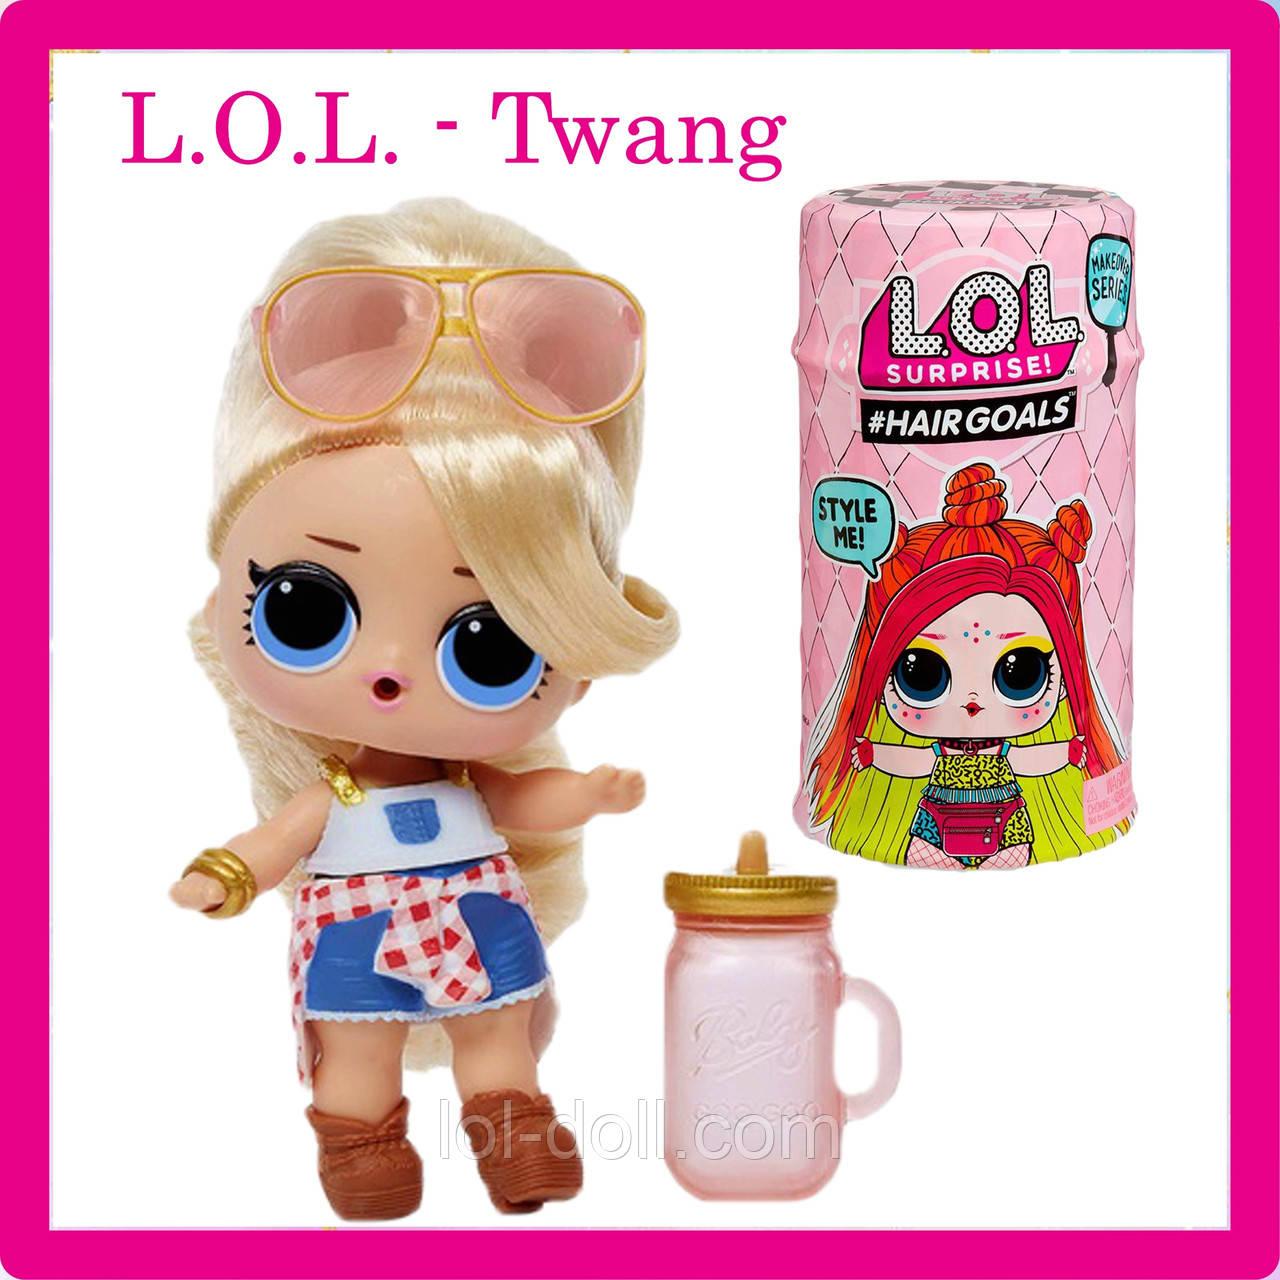 Кукла LOL Surprise 5 Серия Hairgoals Twang - Лол Сюрприз Оригинал